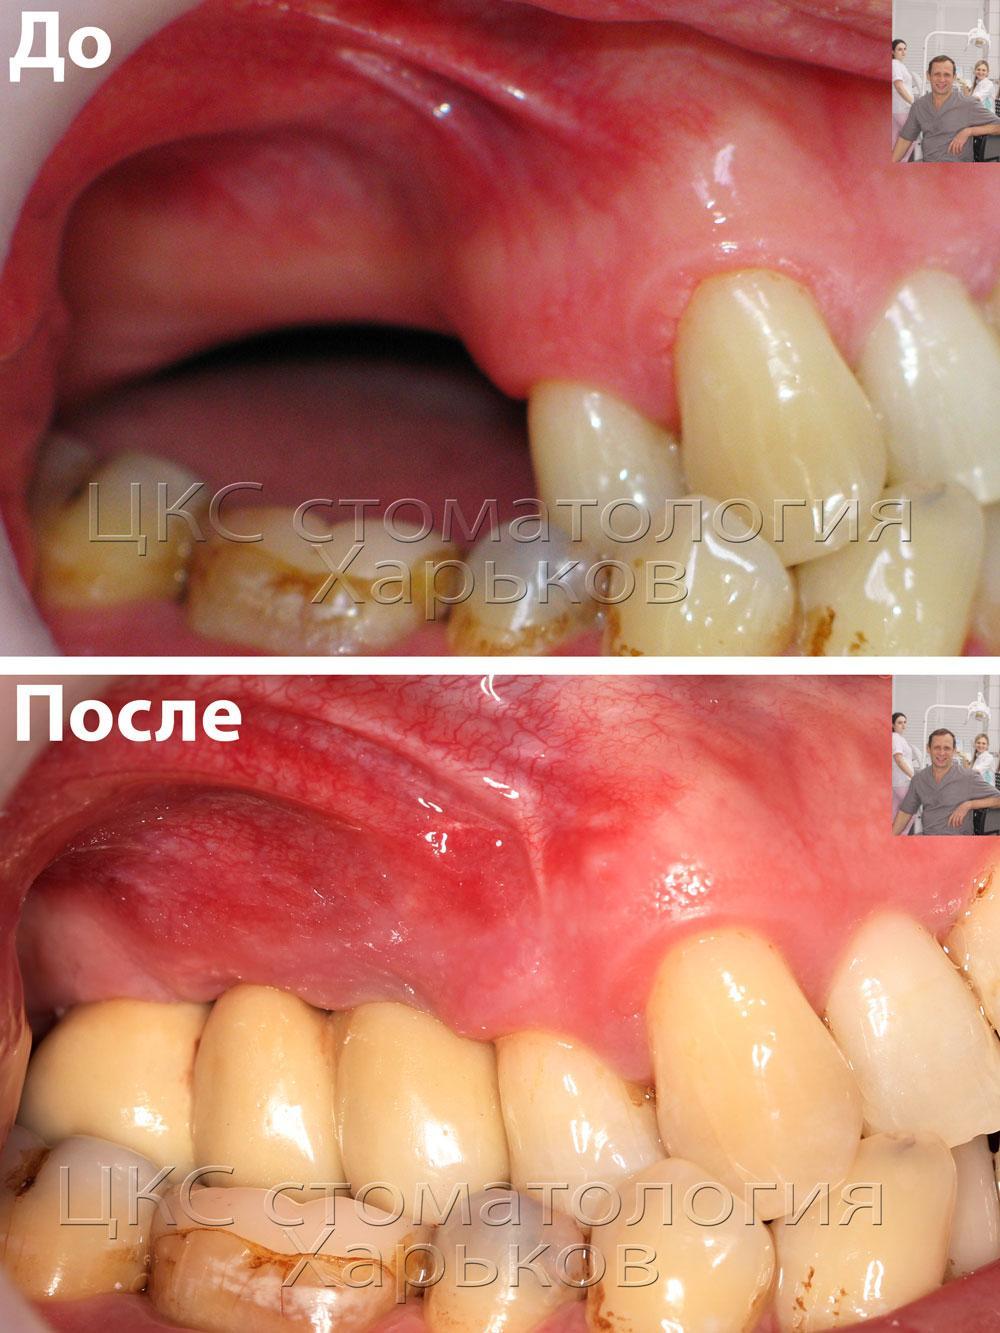 Зубная имплантация и аугментация. Фото до и после